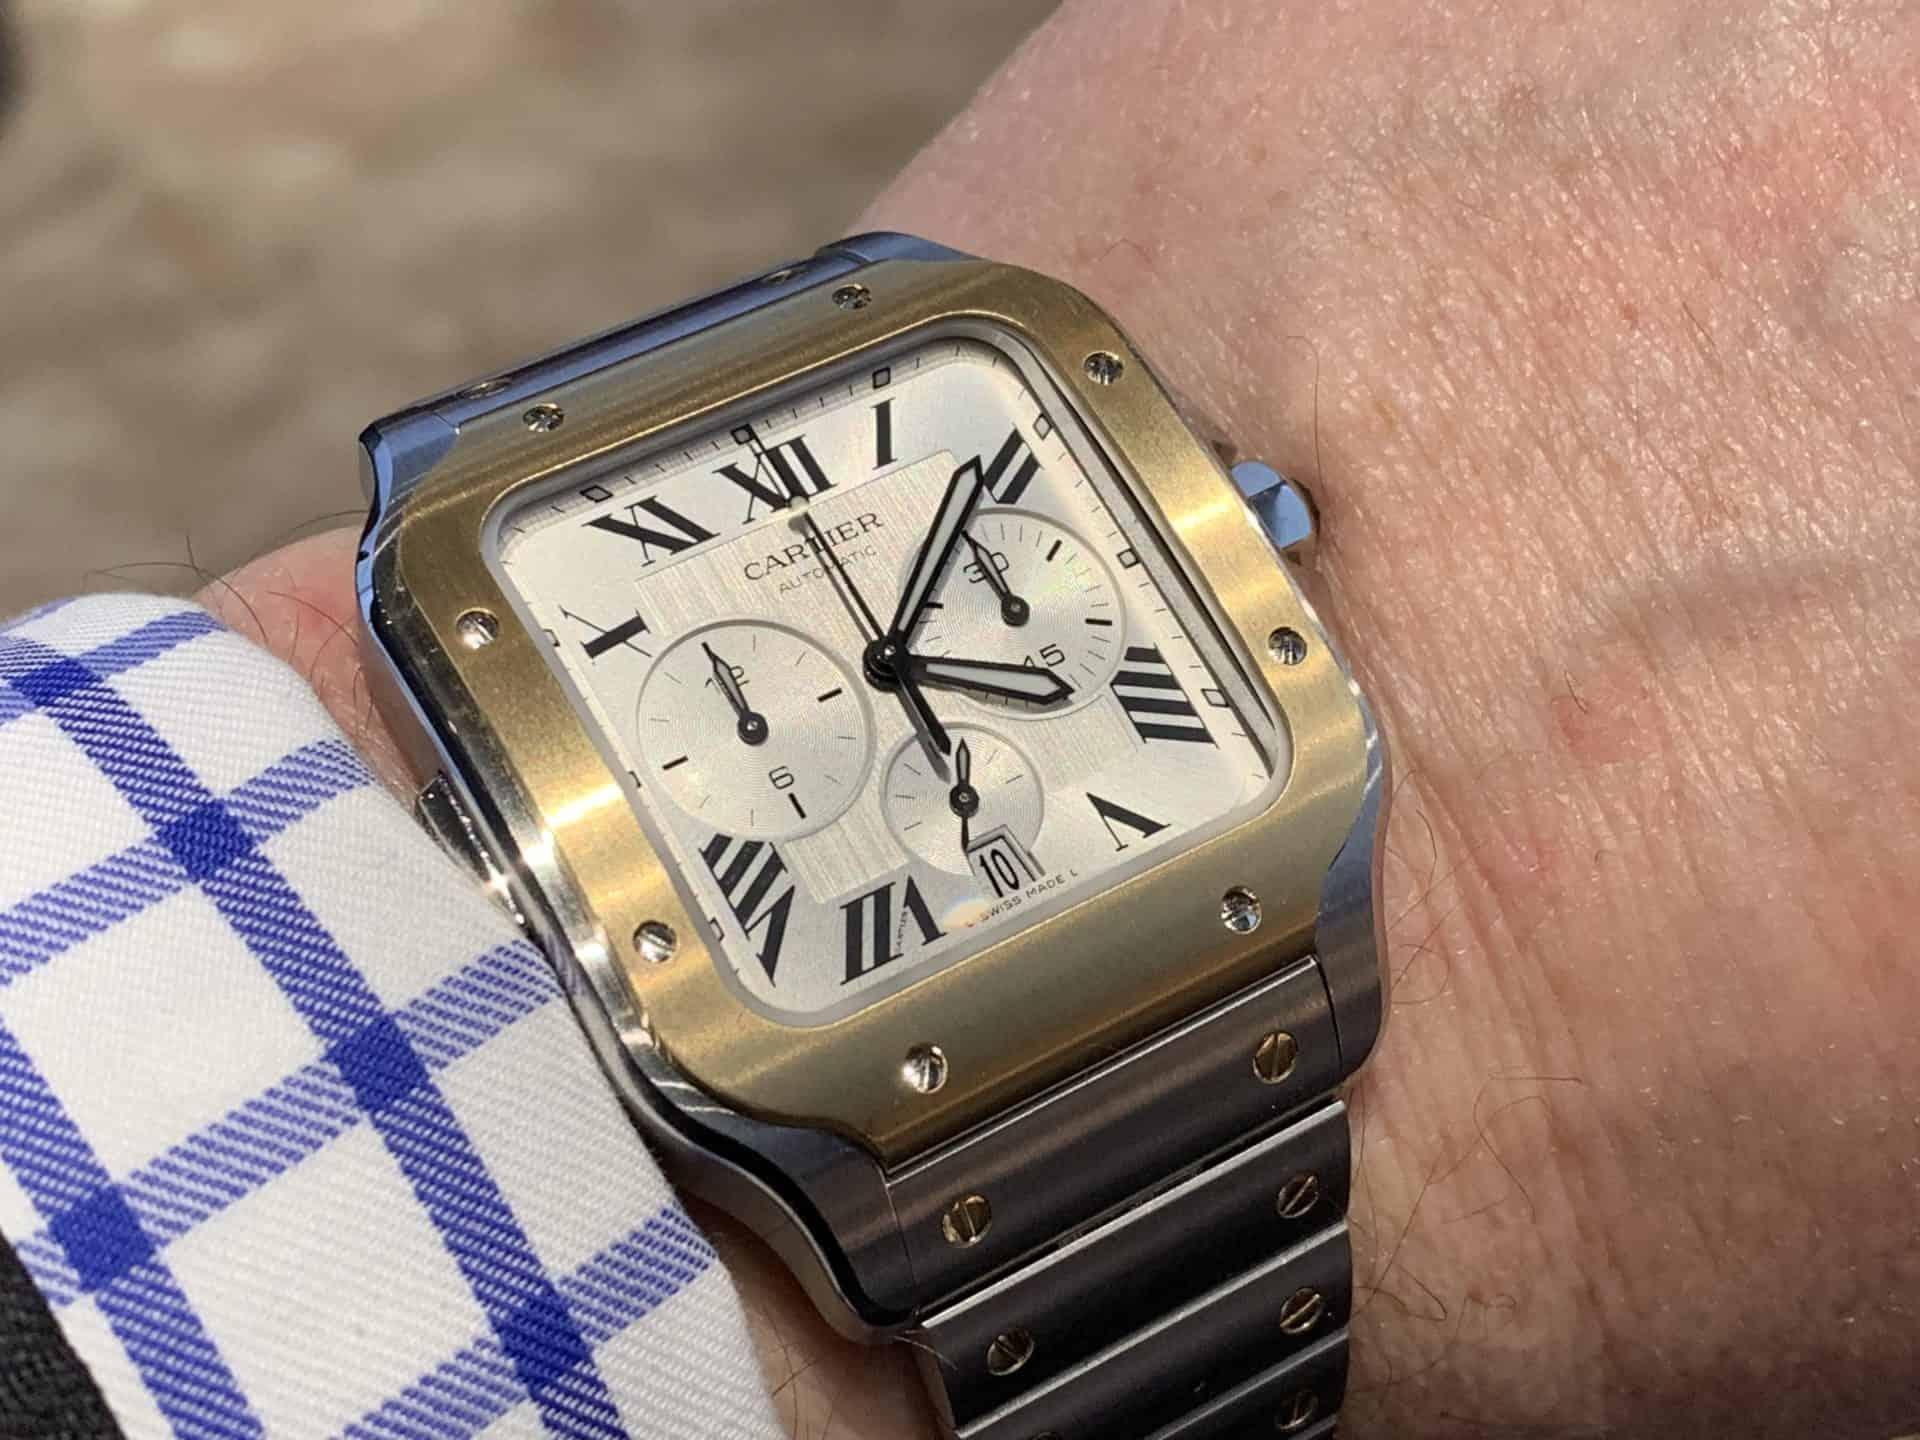 Der Cartier Chronograph Automatic gefällt auch in einer Ausführung in Stahl mit Goldlünette